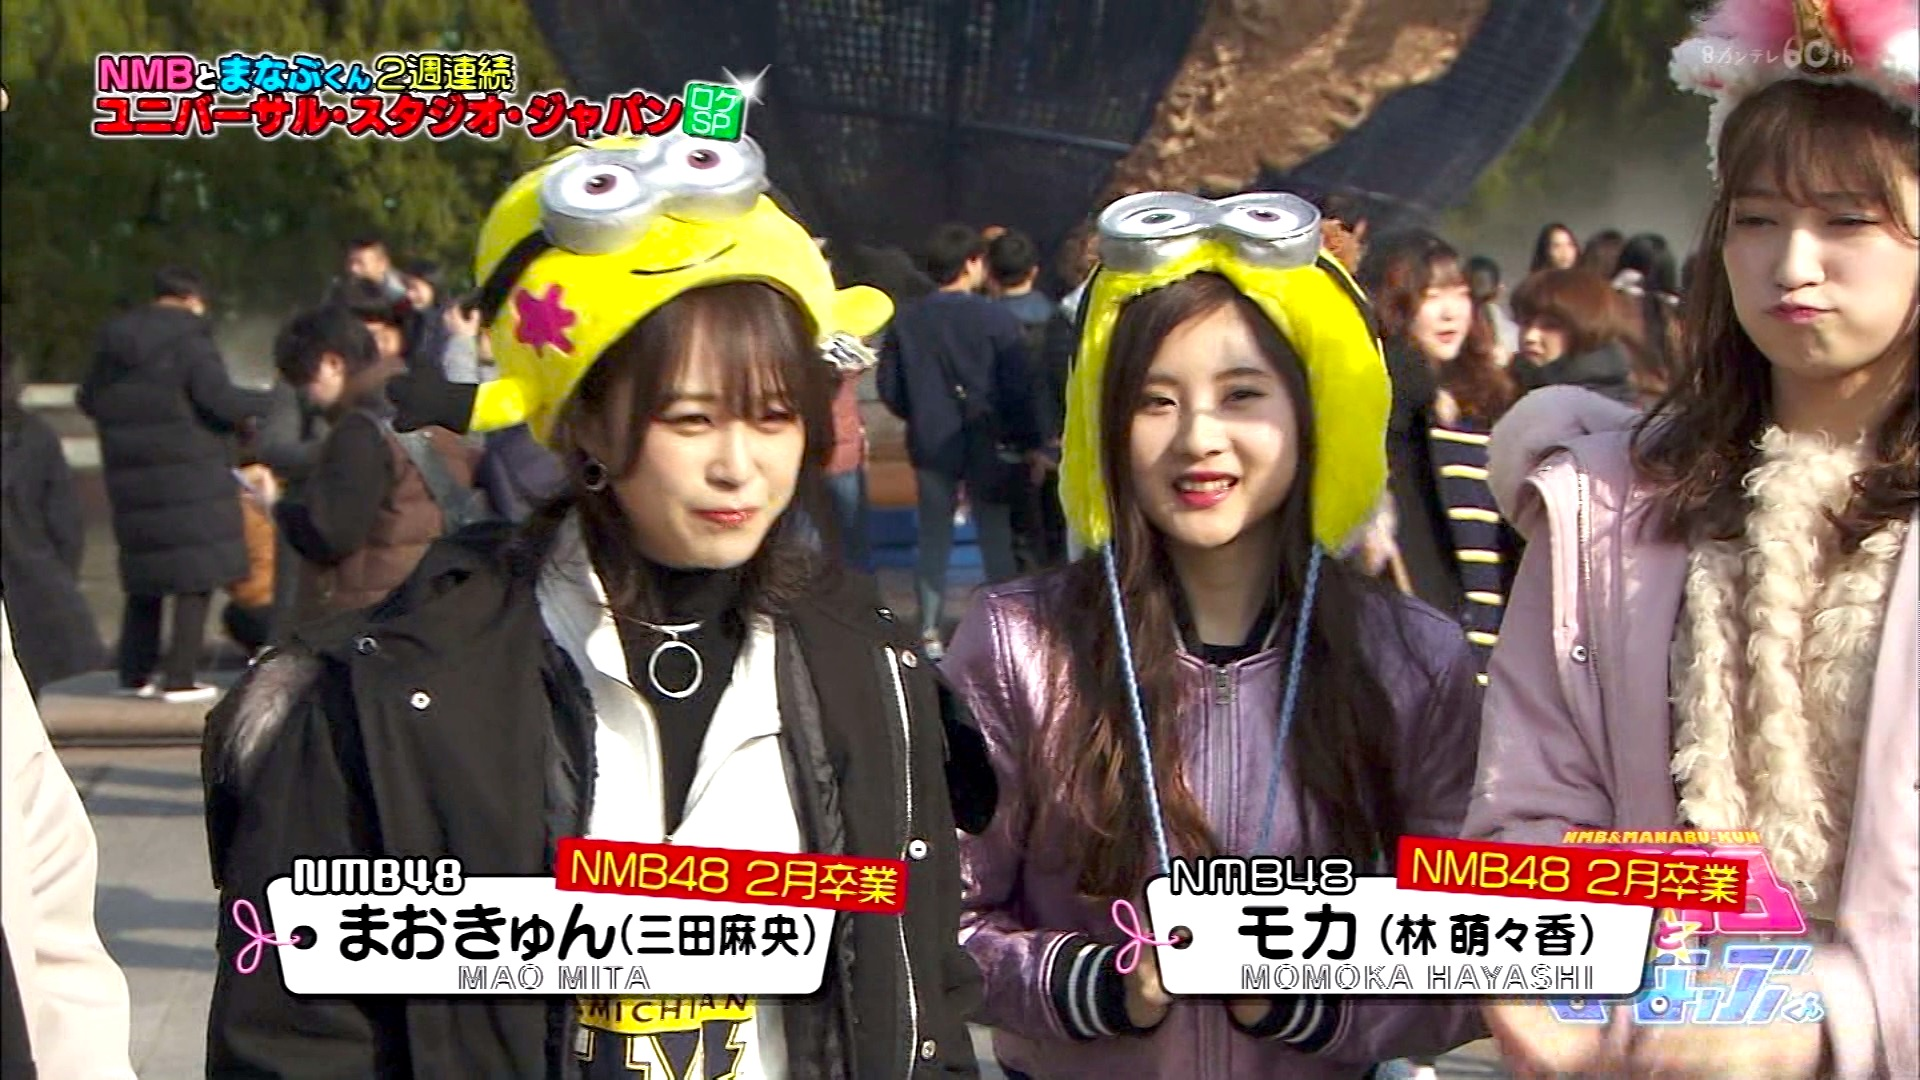 【NMB48】2月15日NMBとまなぶくんキャプ画像。ユニバーサル・スタジオ・ジャパンで「USJ横断ウルトラクイズ」1週目。